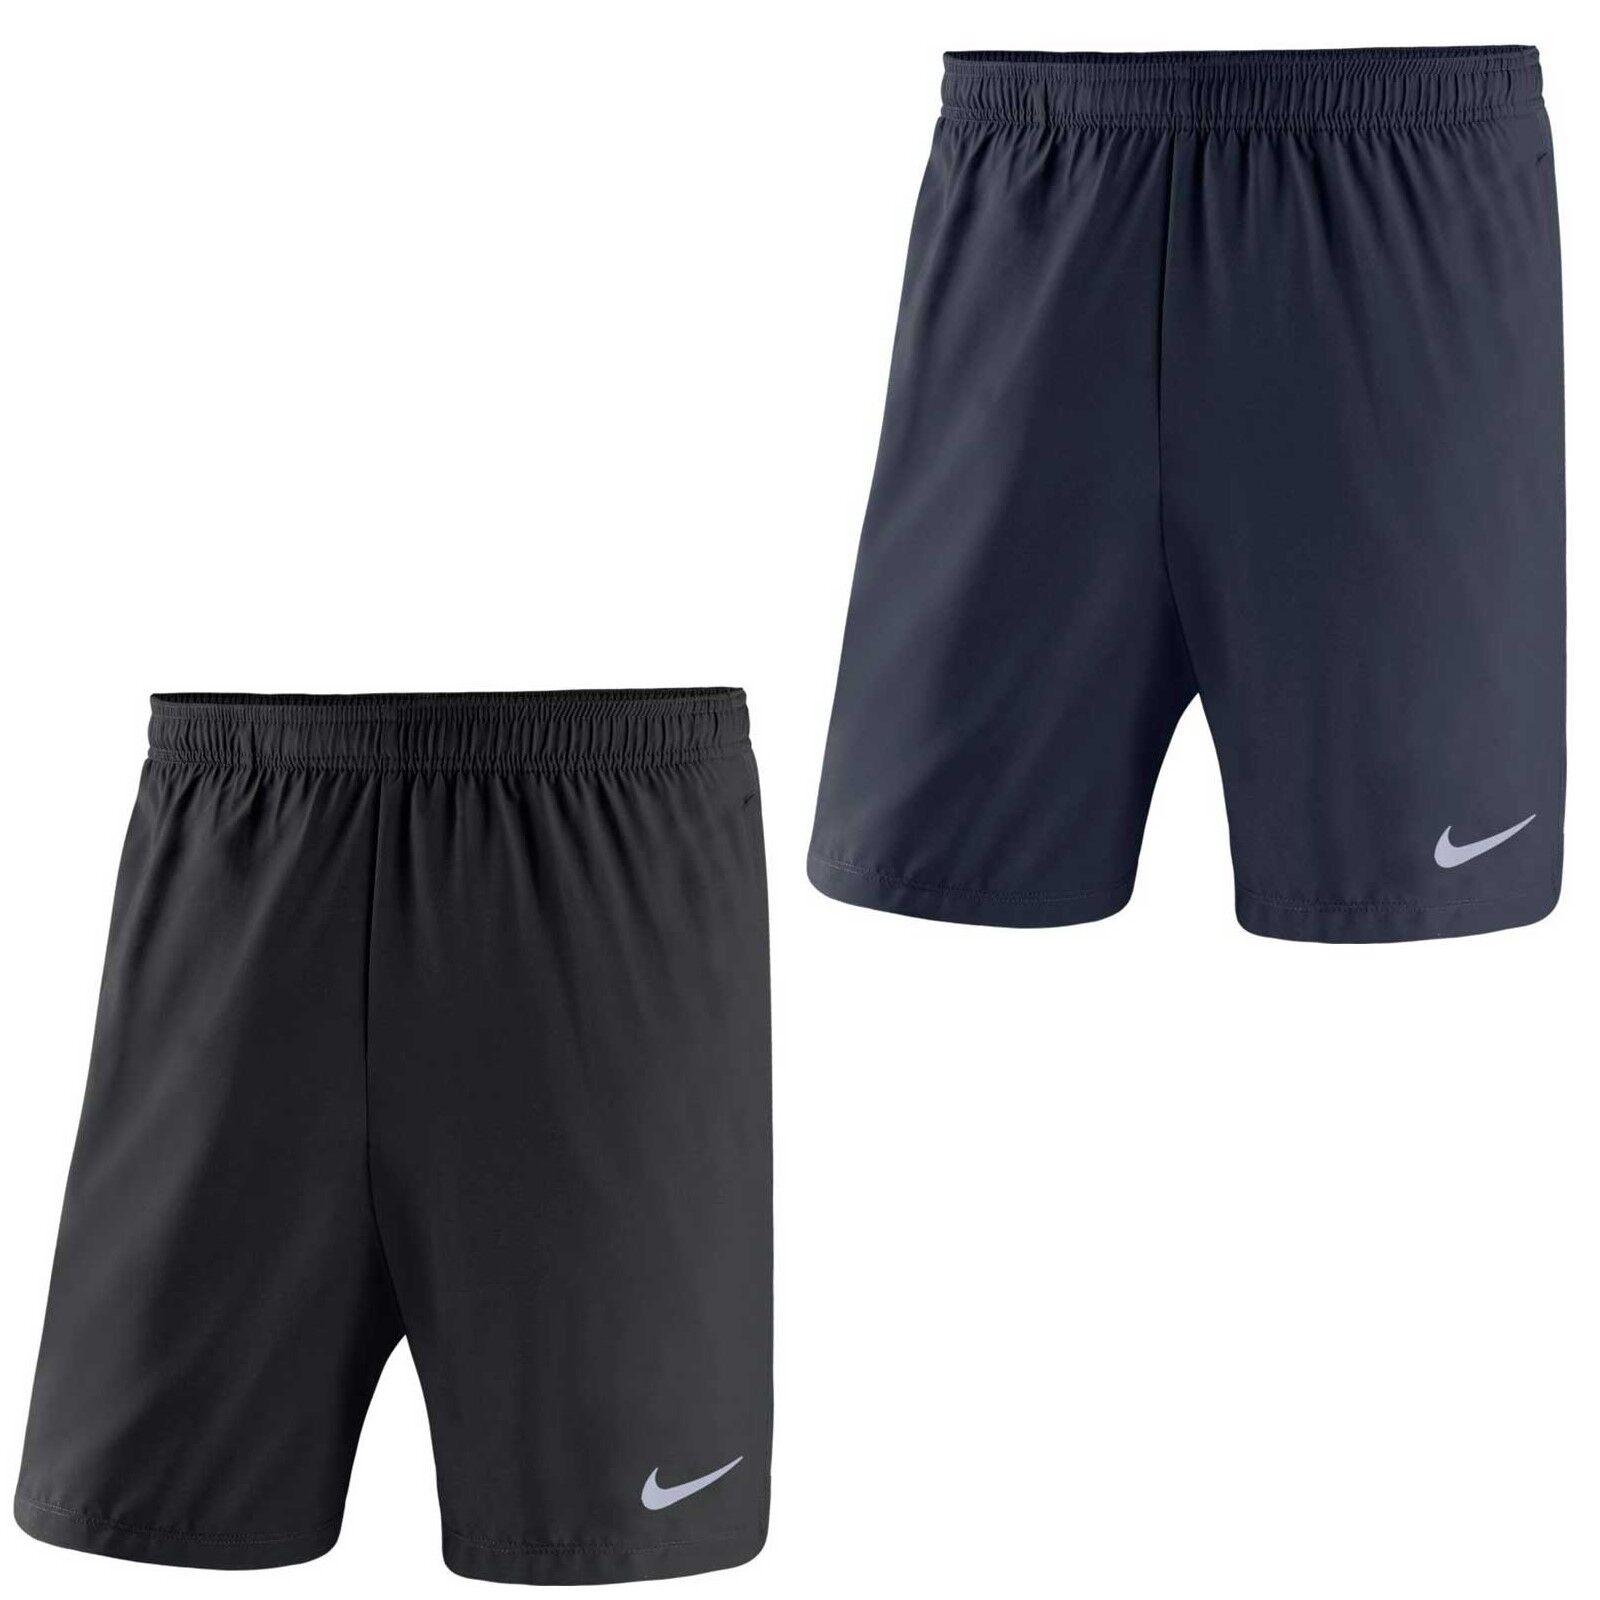 Kurze Nike Air Hosen Test Vergleich +++ Kurze Nike Air Hosen